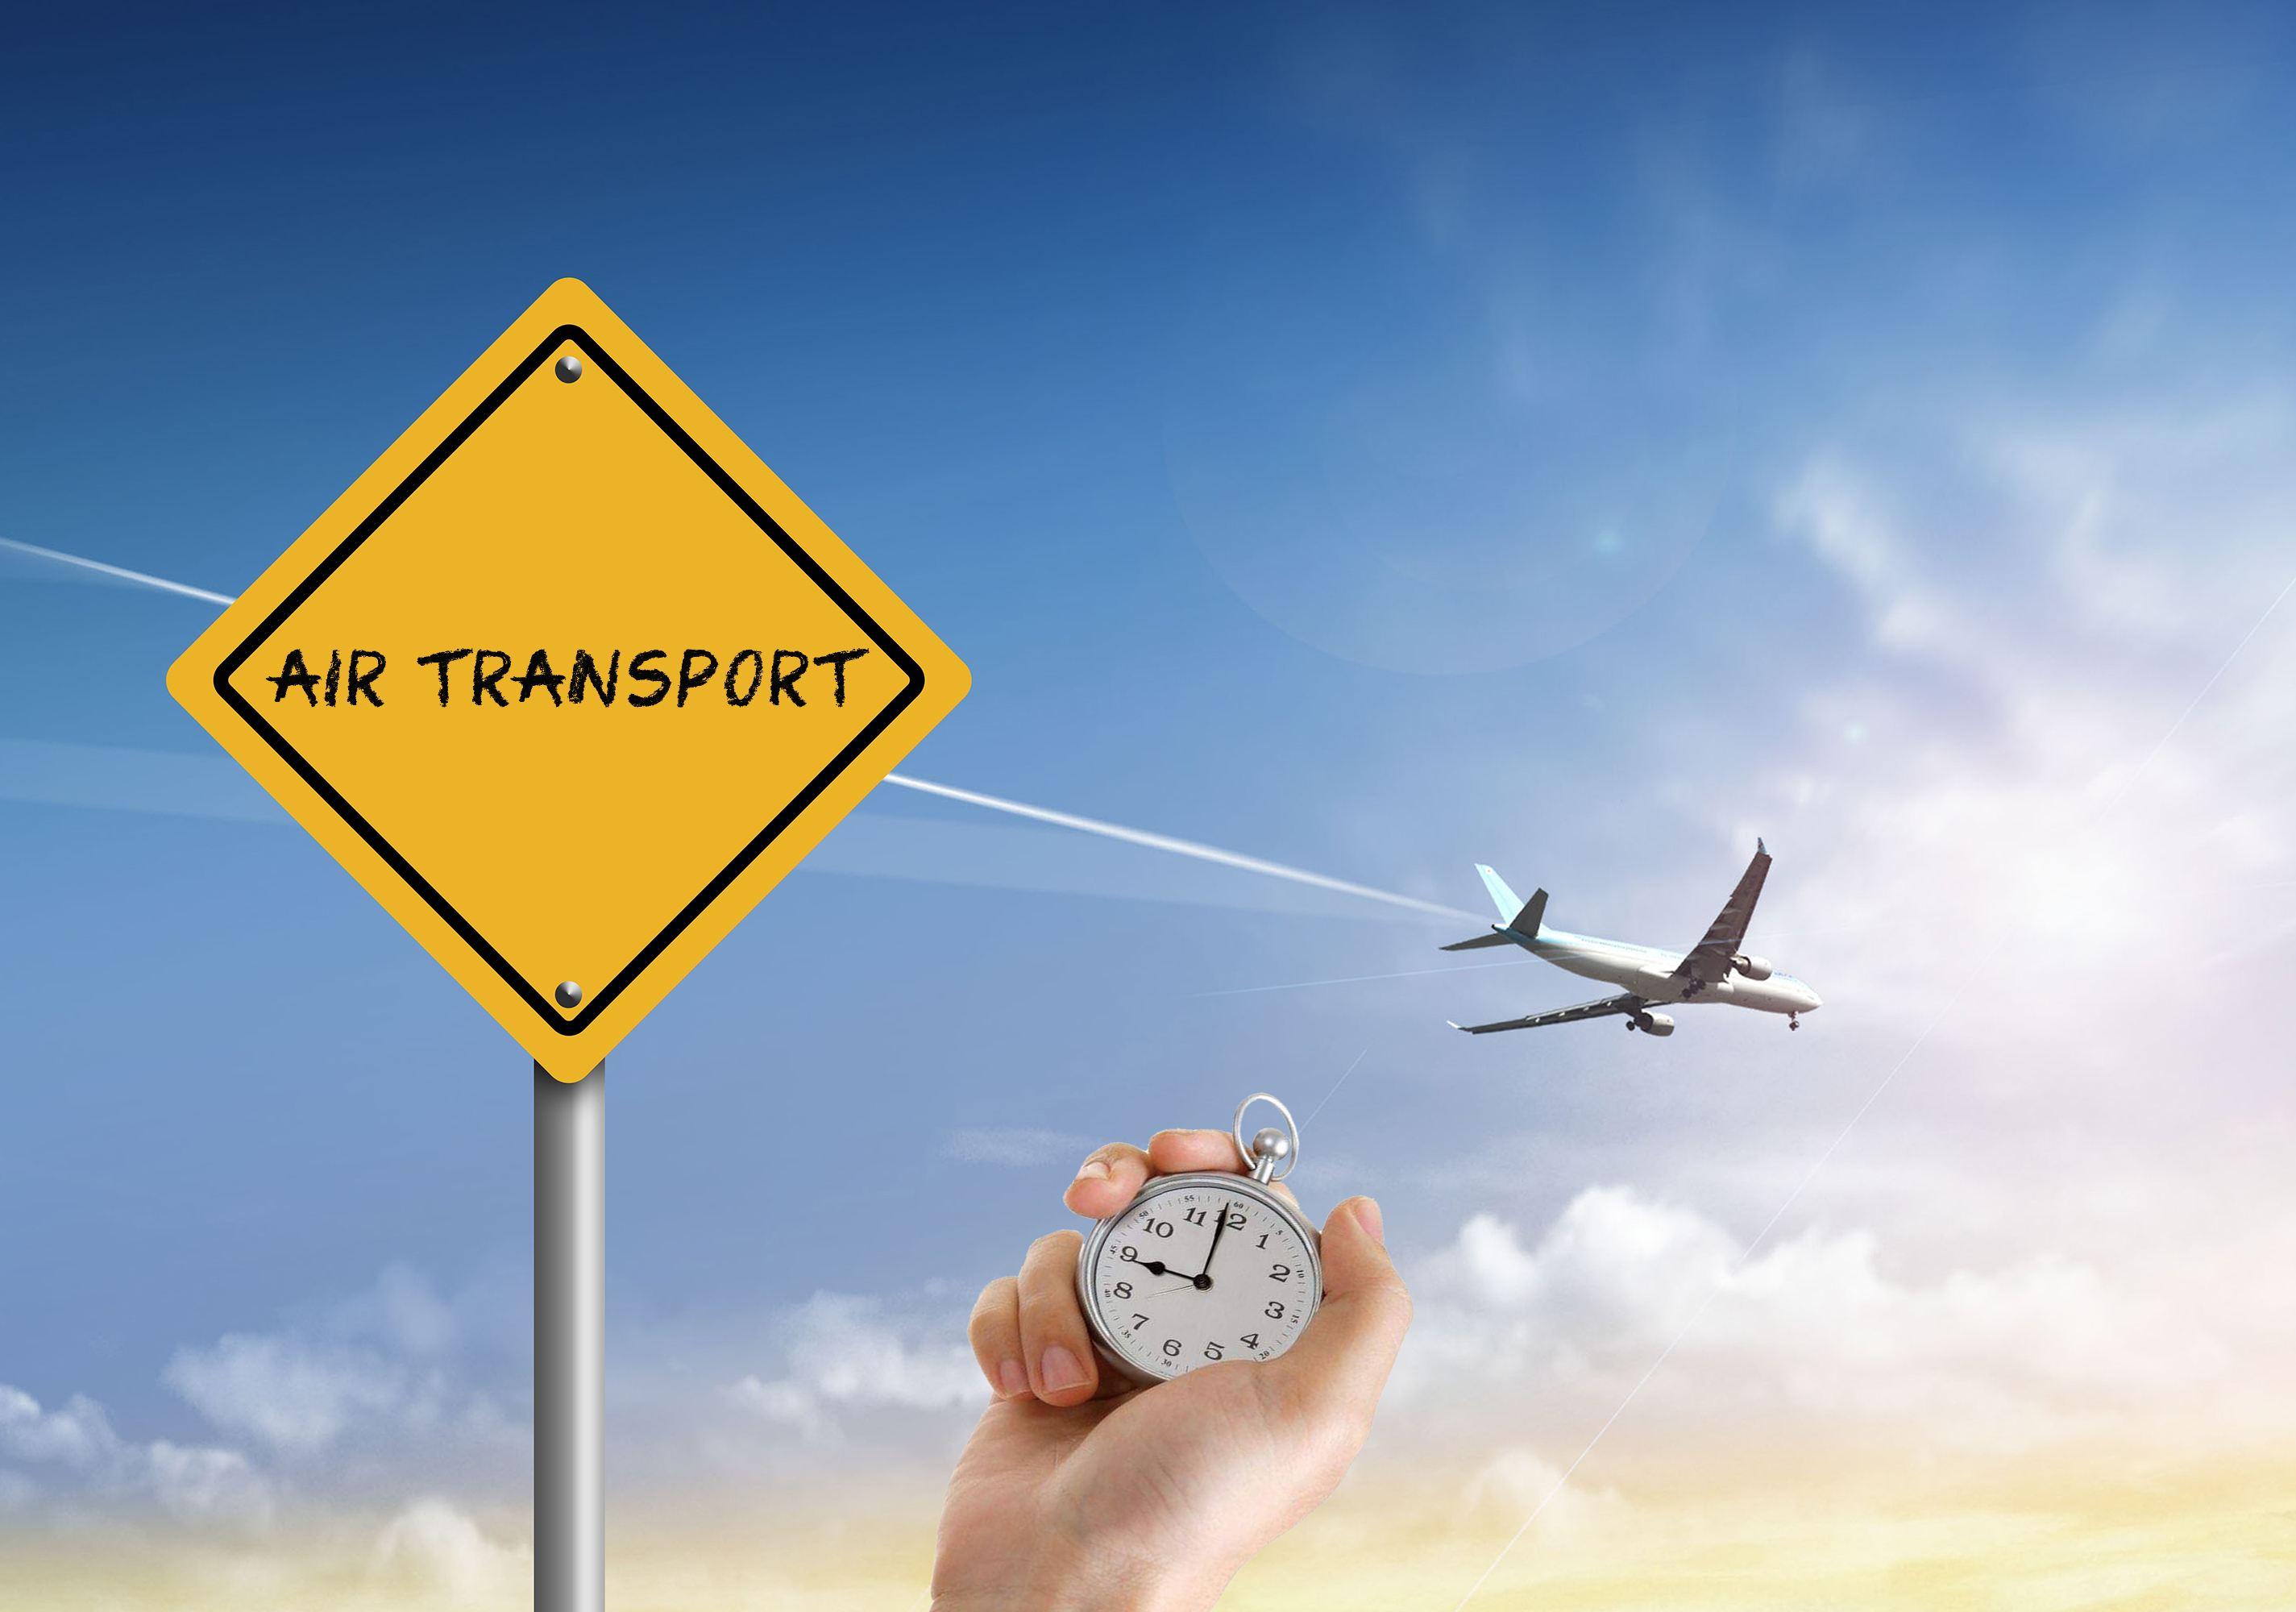 外贸新手在新发客户前首先需要了解外贸专业知识